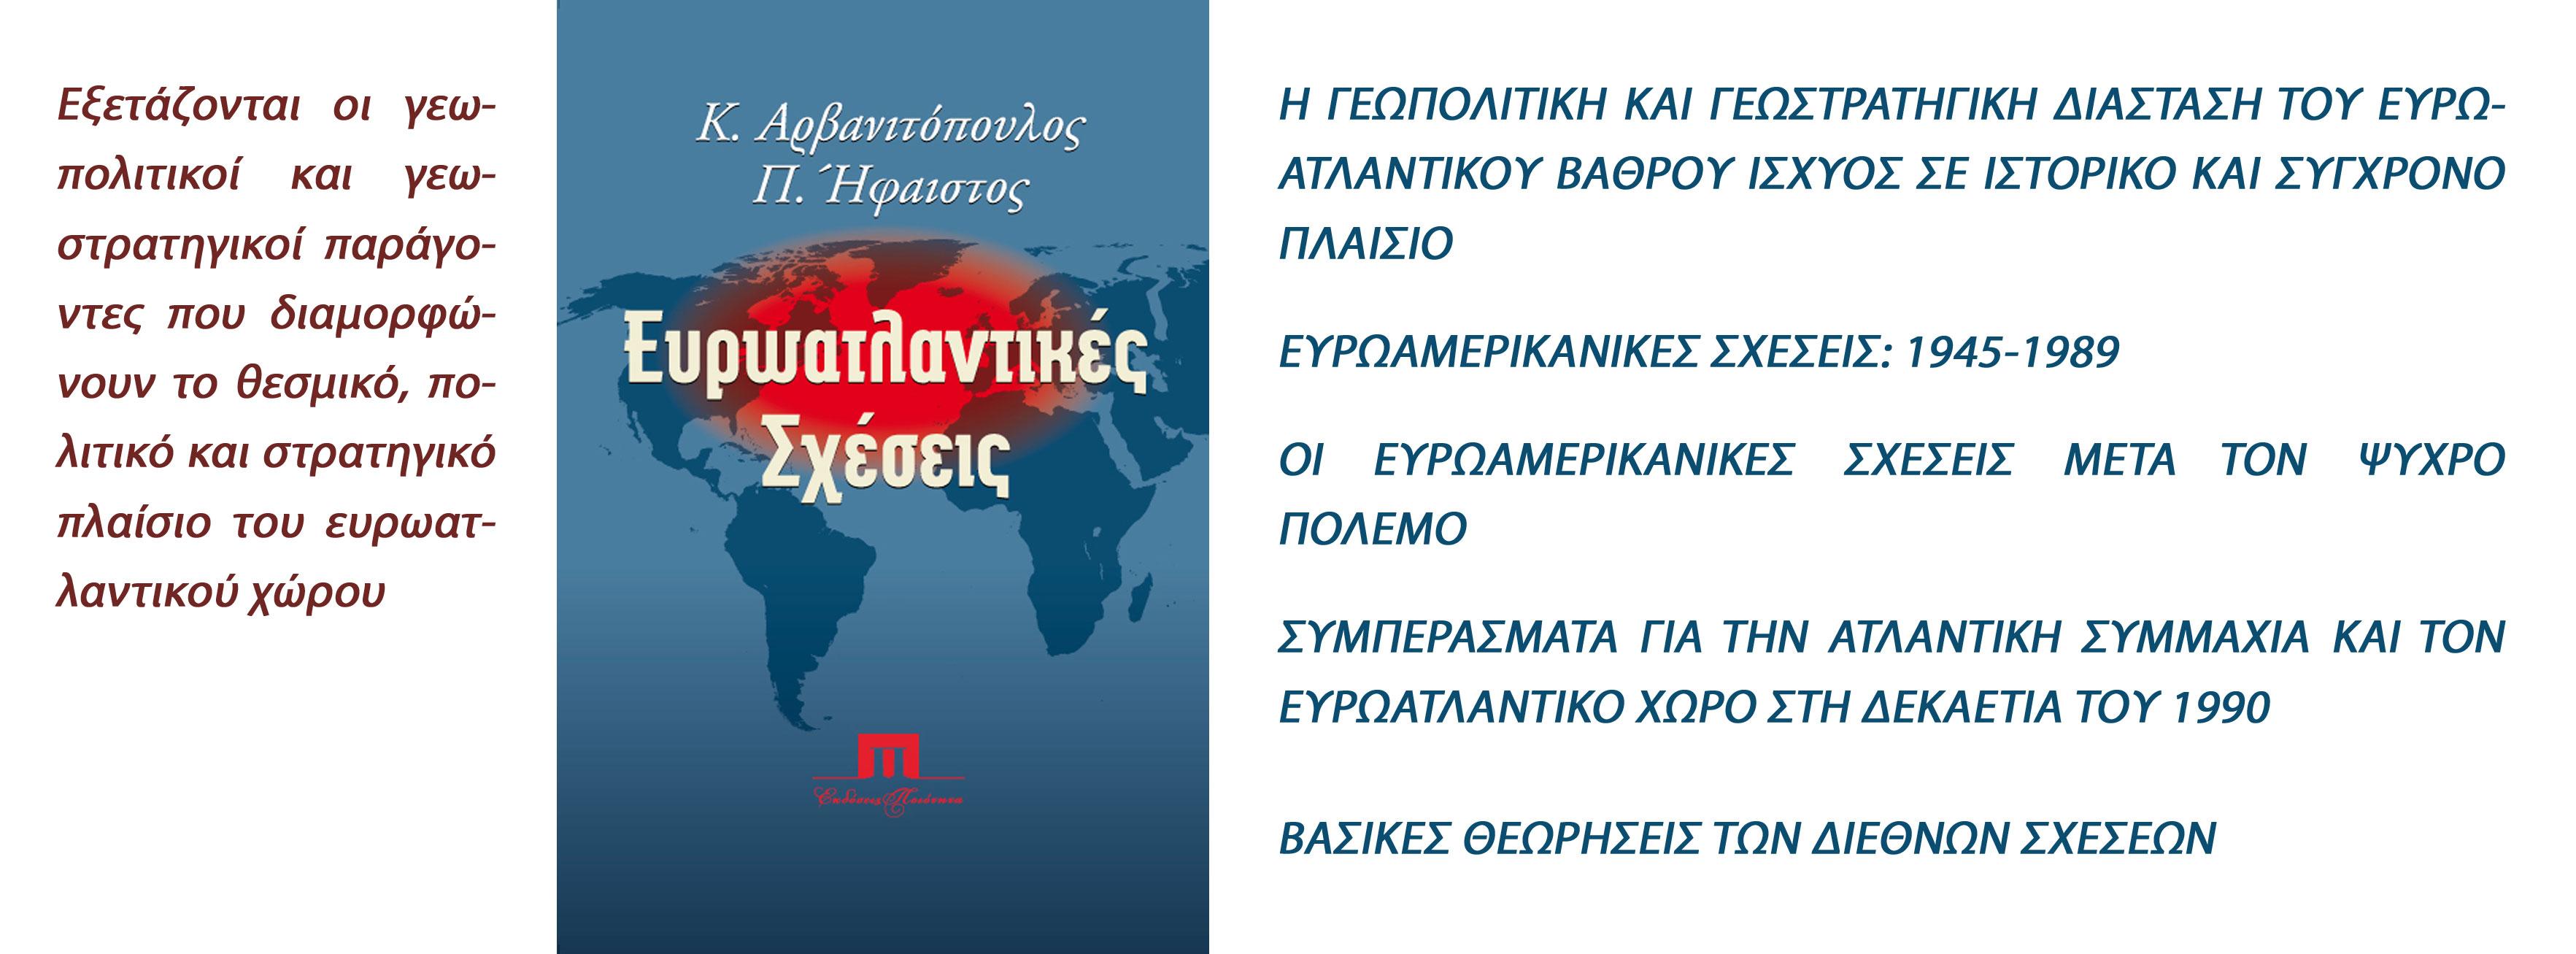 Αρβανιτόπουλος Κωνσταντίνος-Παναγιώτης Ήφαιστος, Ευρωατλαντικές σχέσεις